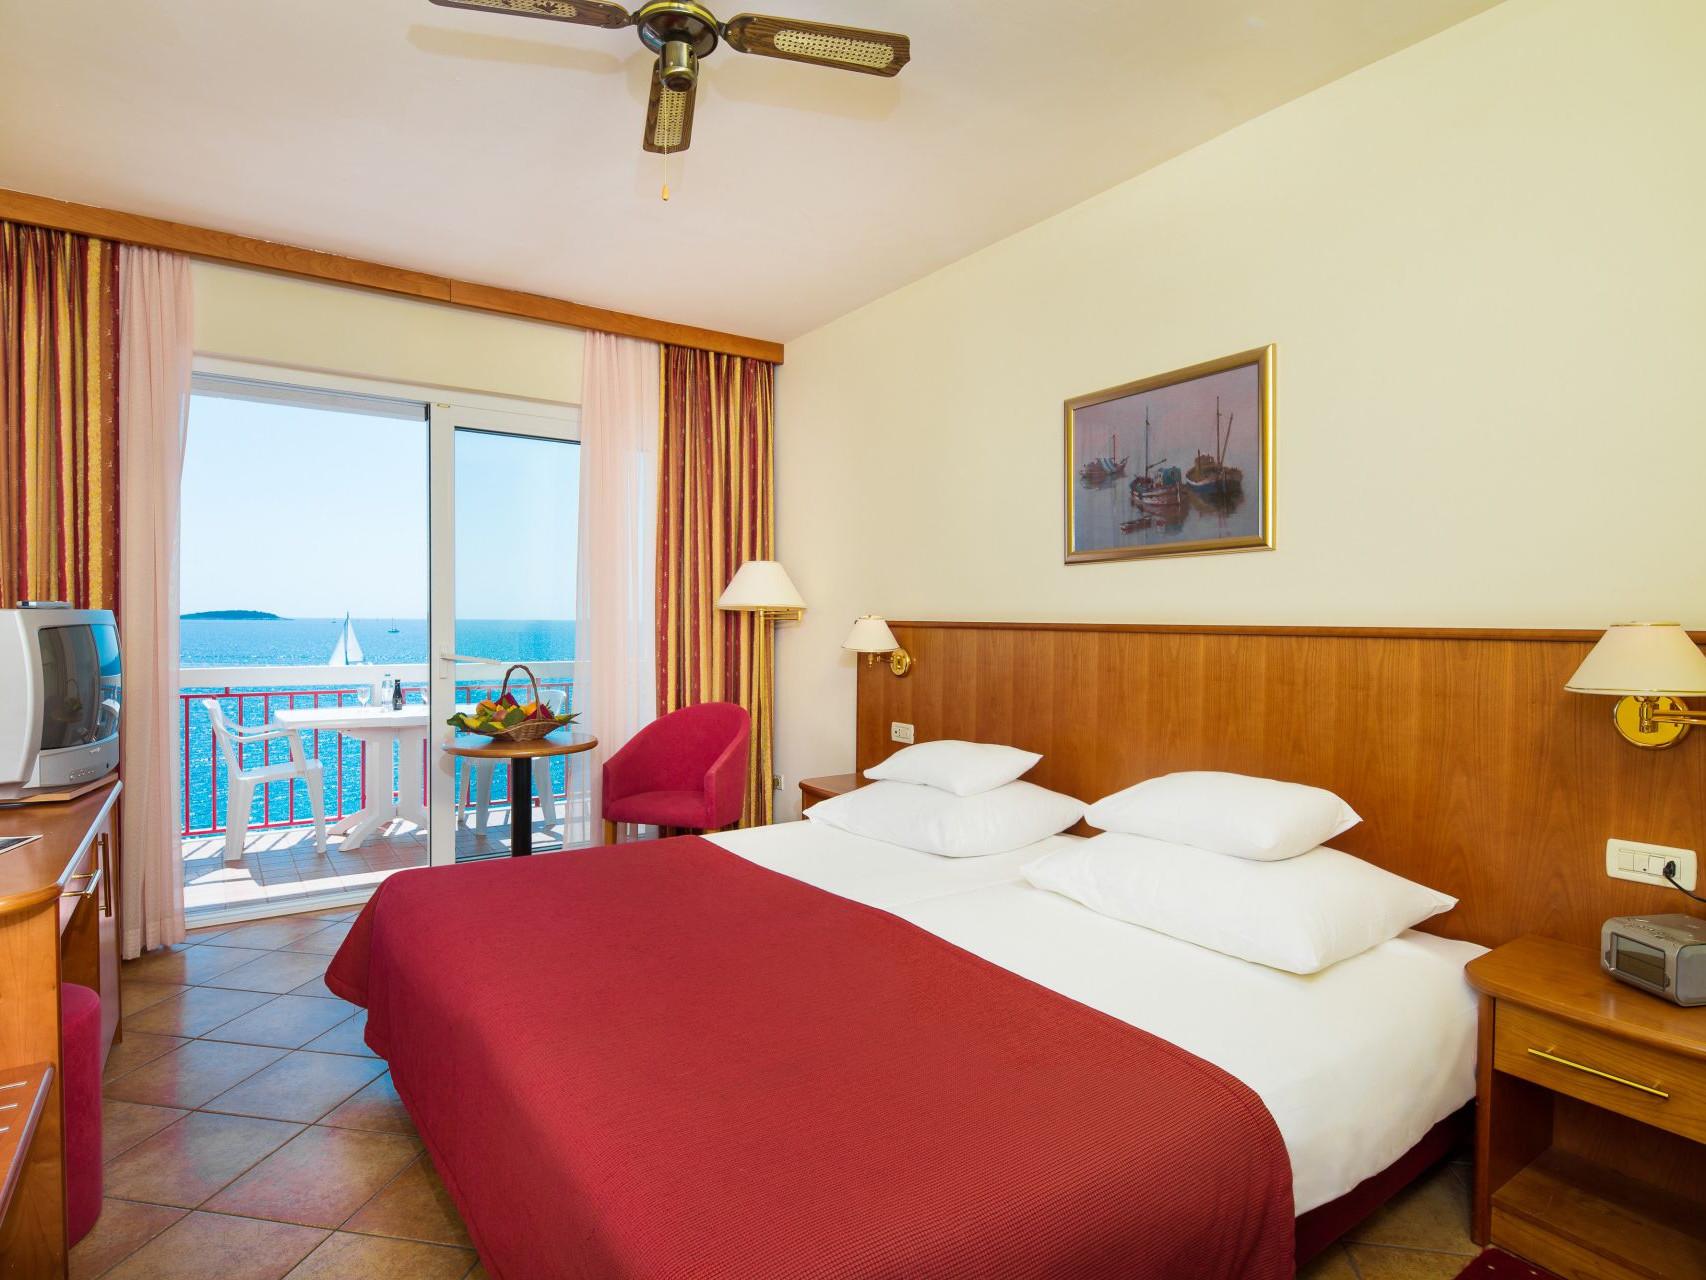 premier club room 02 14823095304 o uai - Zora Hotel